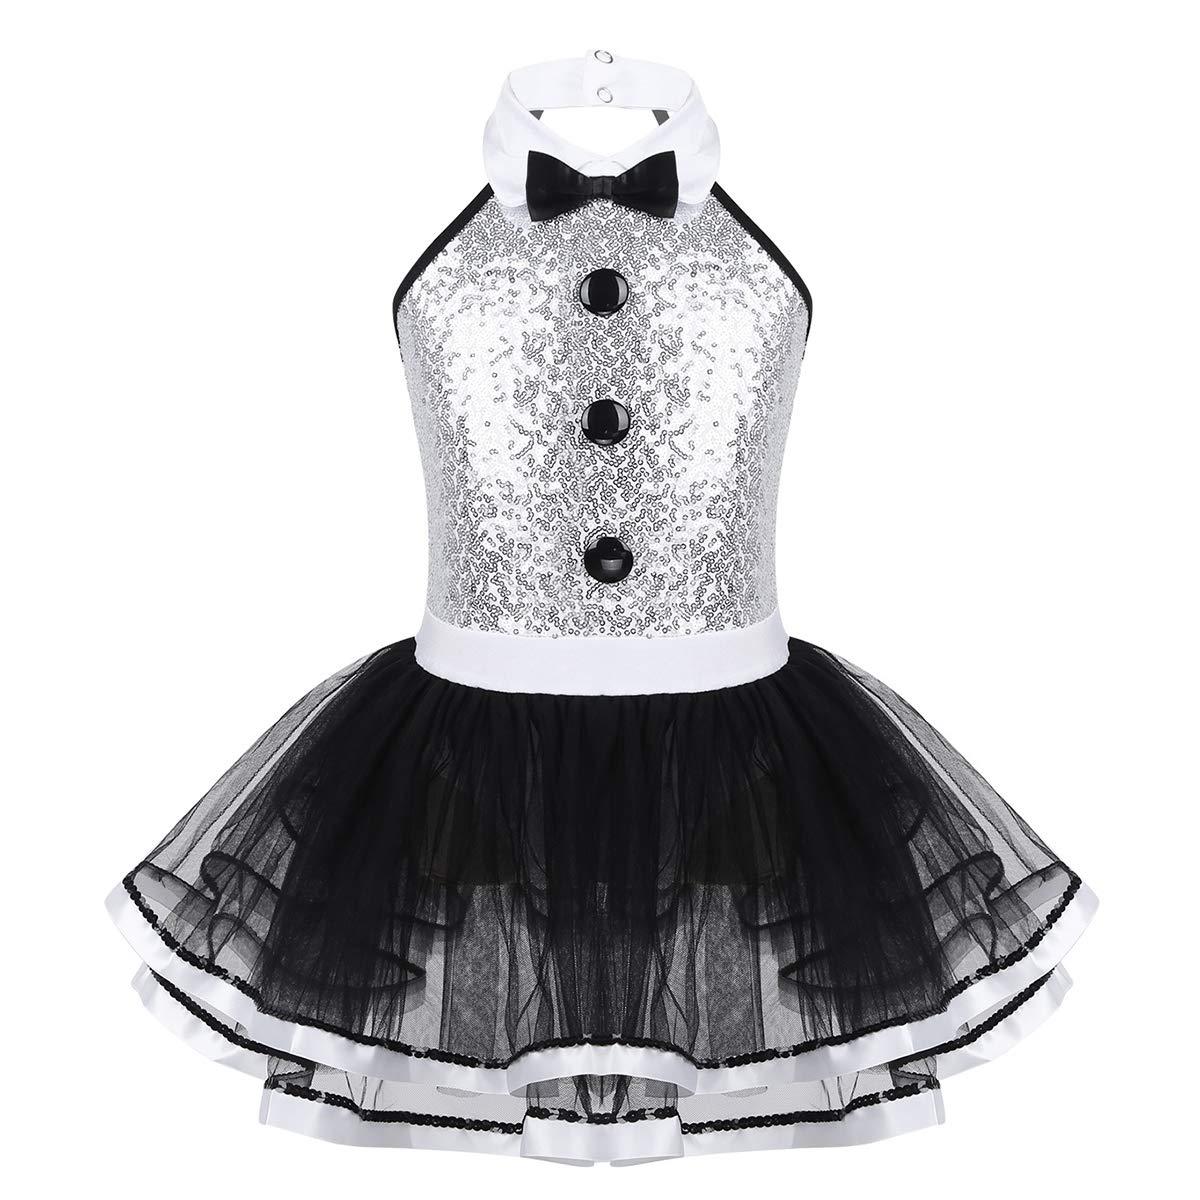 iEFiEL Abito da Ballo Danza Bambine Vestito da Balletto Leotard con Paillettes Abito da Compleanno Body da Ginnastica Dancewear Tutu Papillon Senza Maniche 3-12 Anni